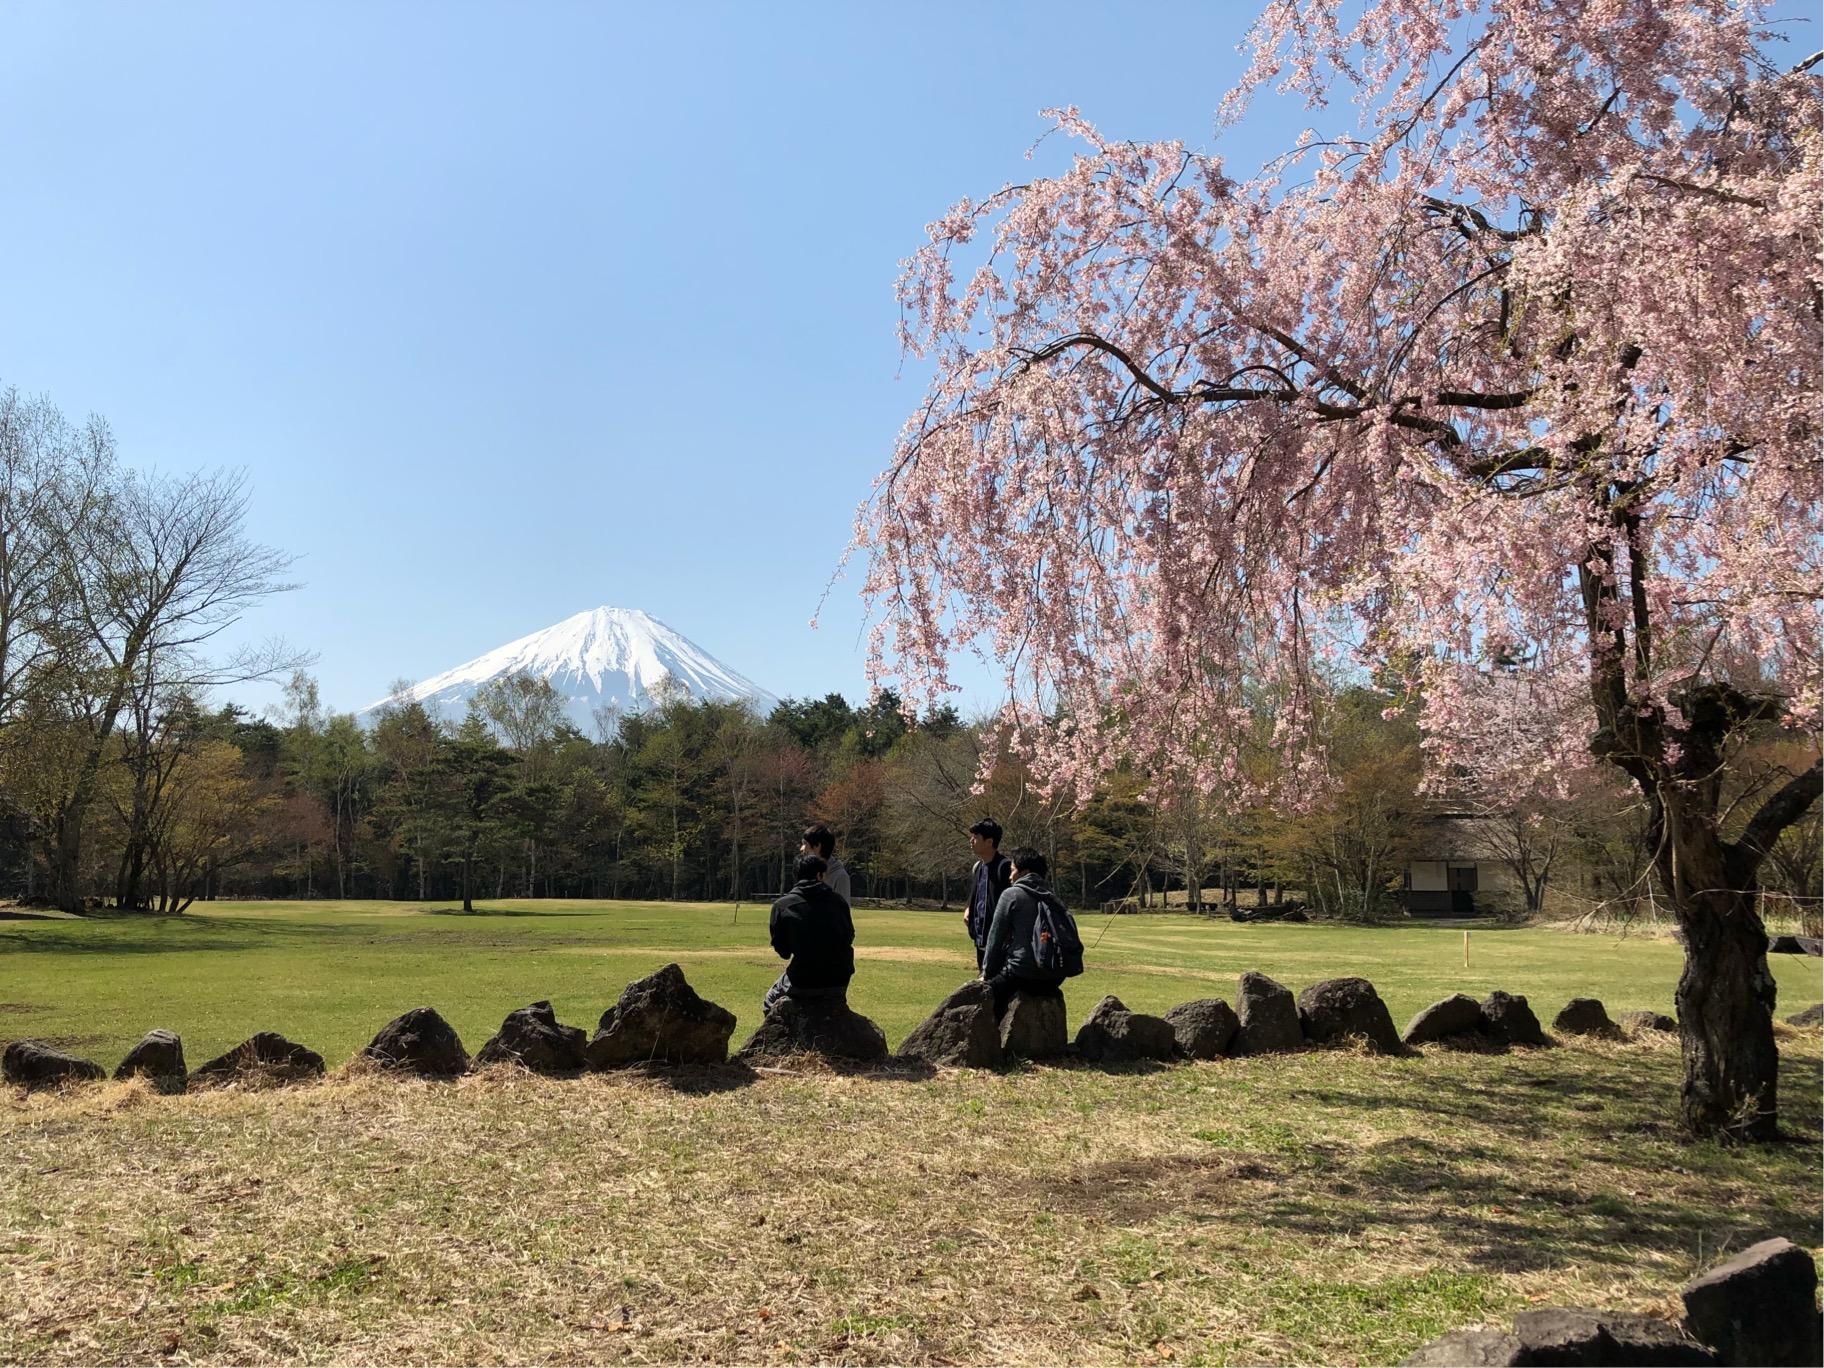 野鳥の森公園から望む富士